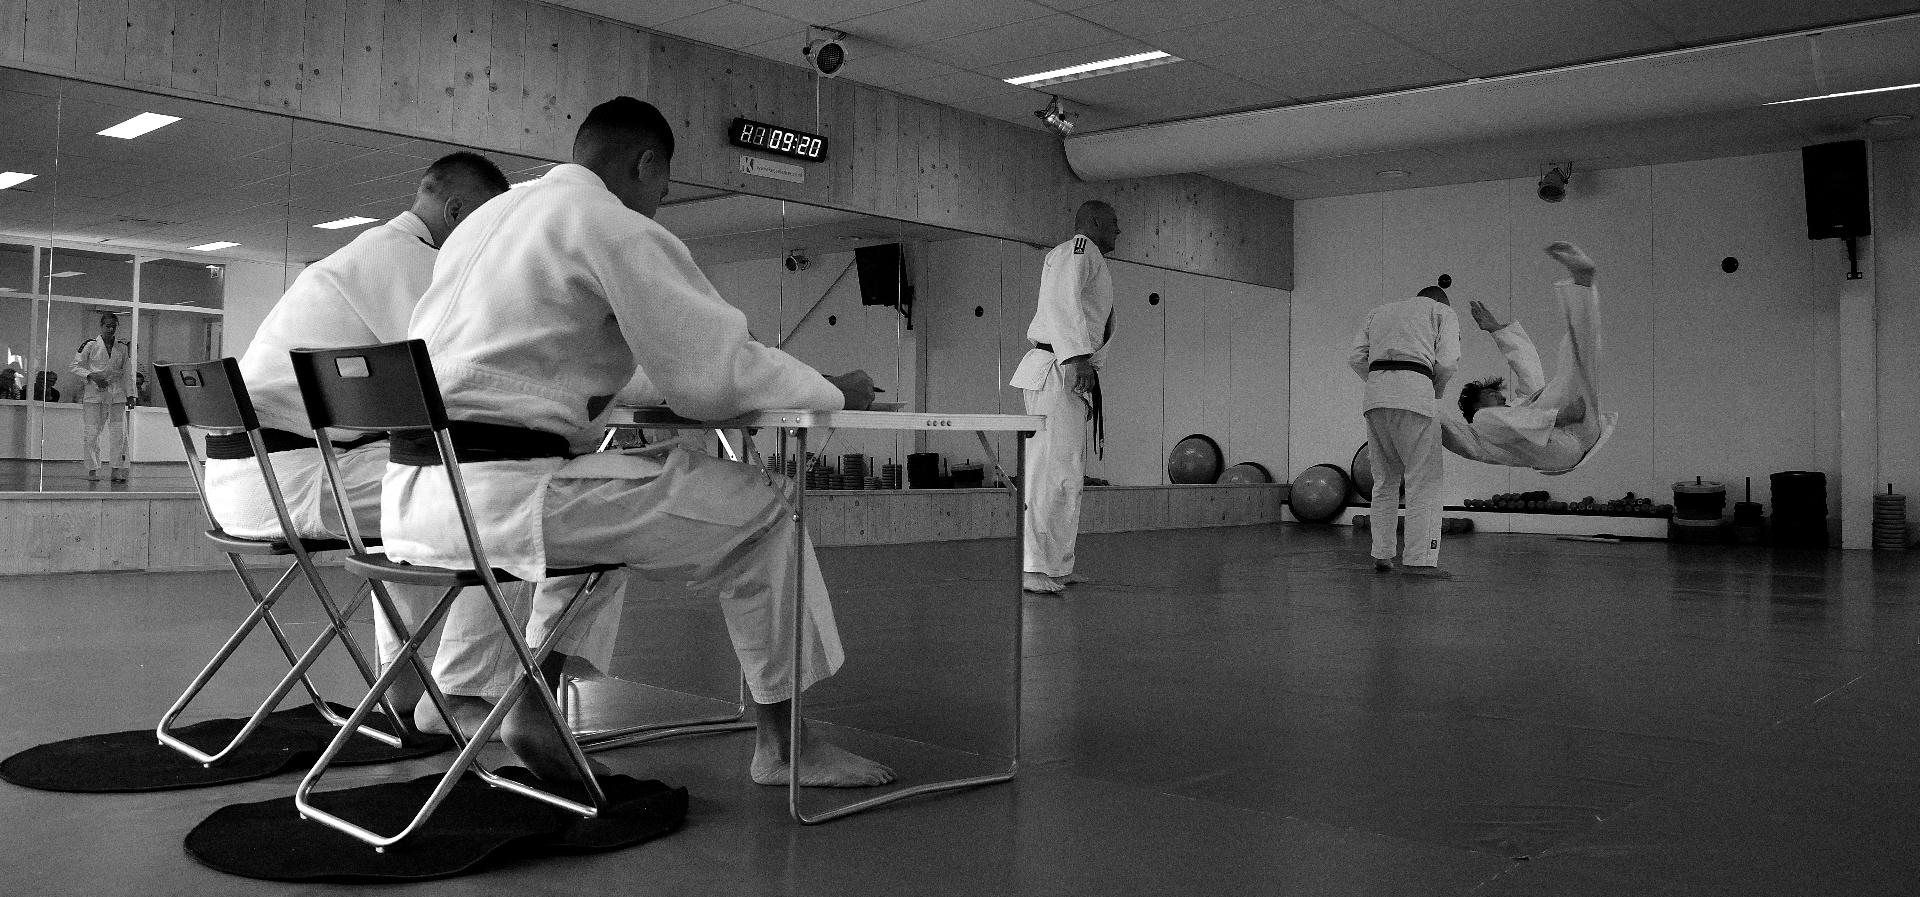 jiu-jitsu examen in de dojo